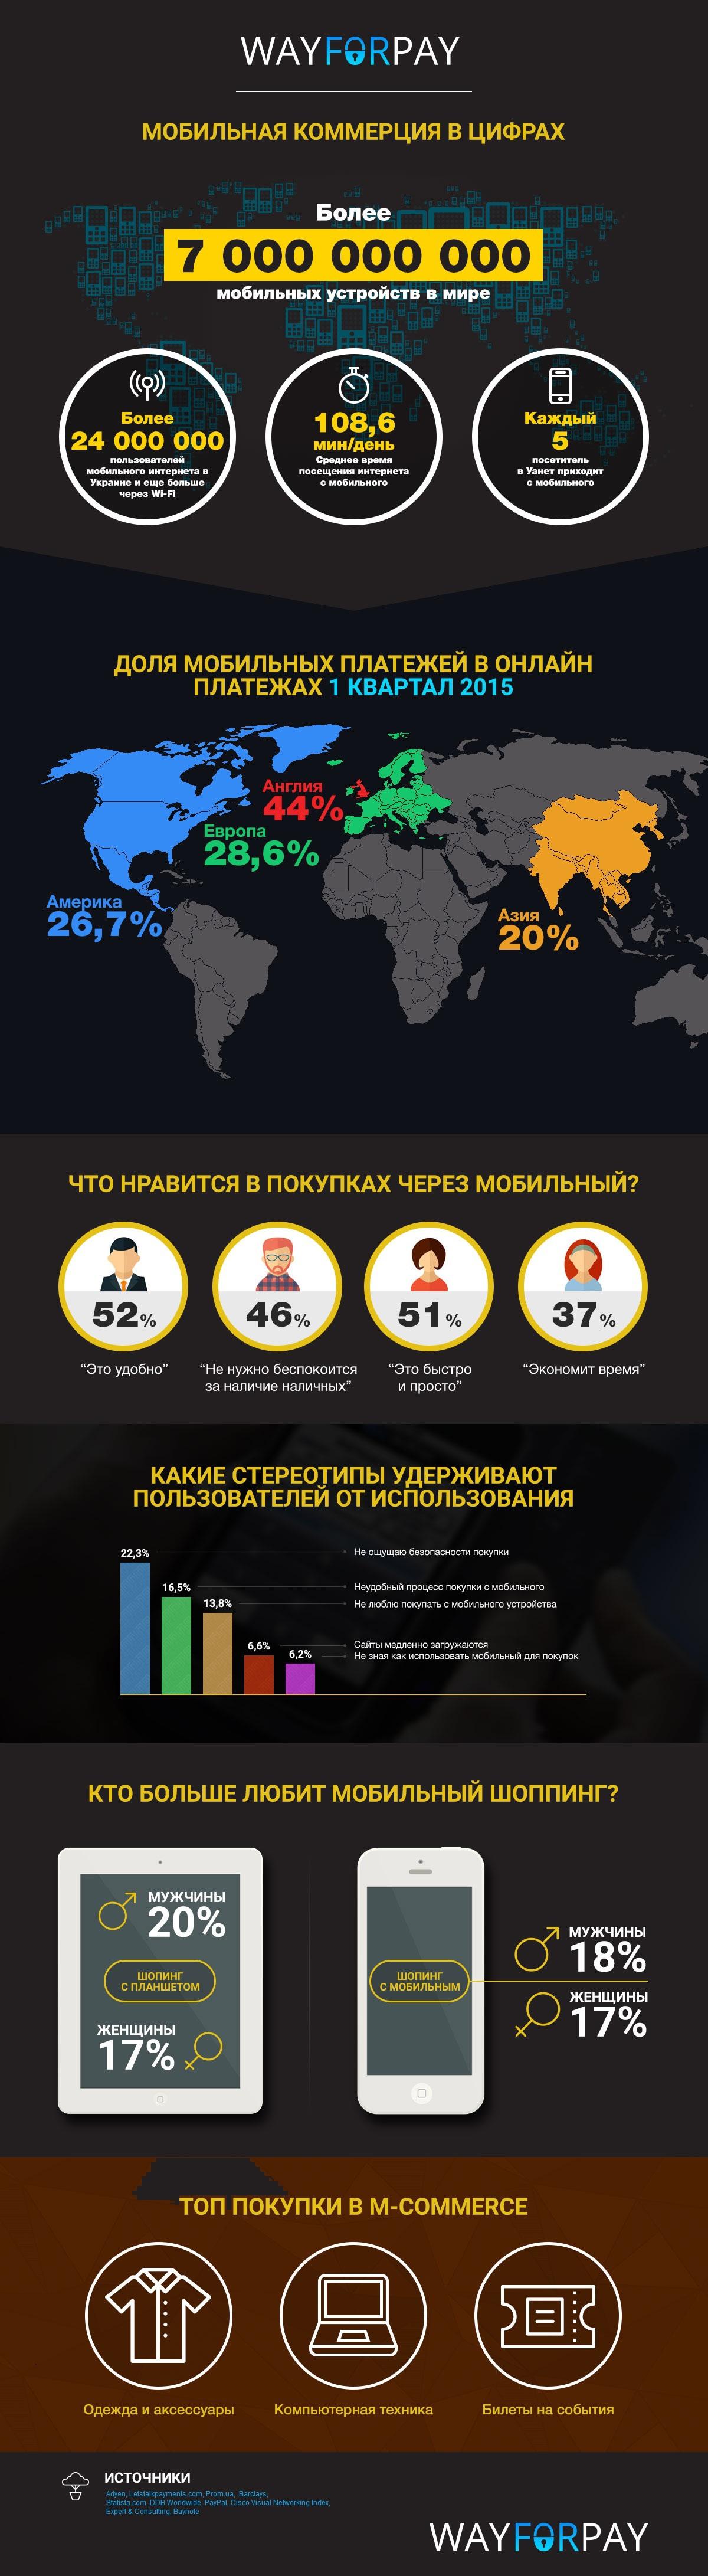 WayForPay: о мобильной коммерции в цифрах (Инфографика) - 2